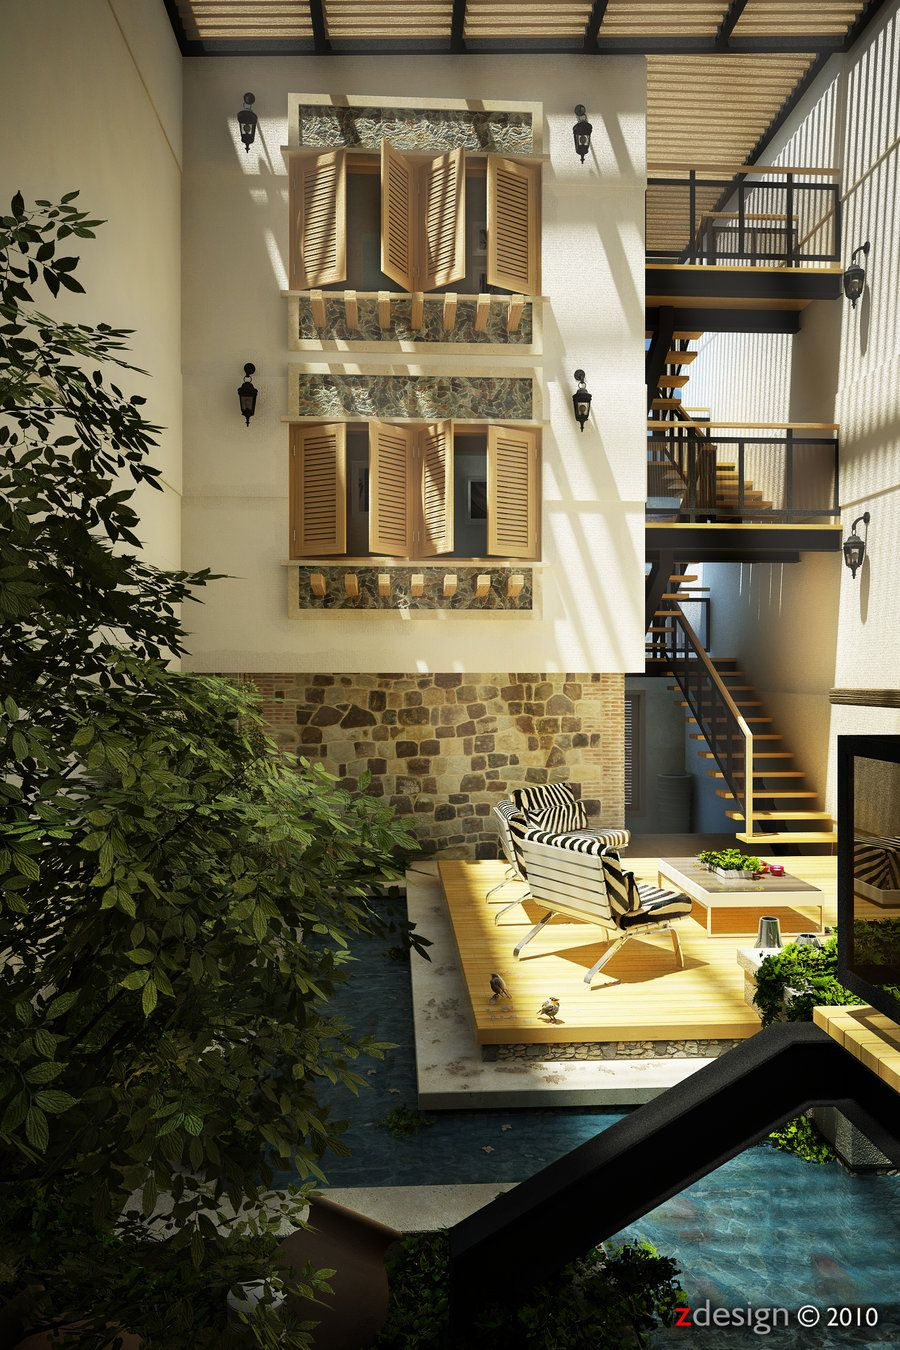 interior_55c_Central Courtyard by ~Zorrodesign on deviantART